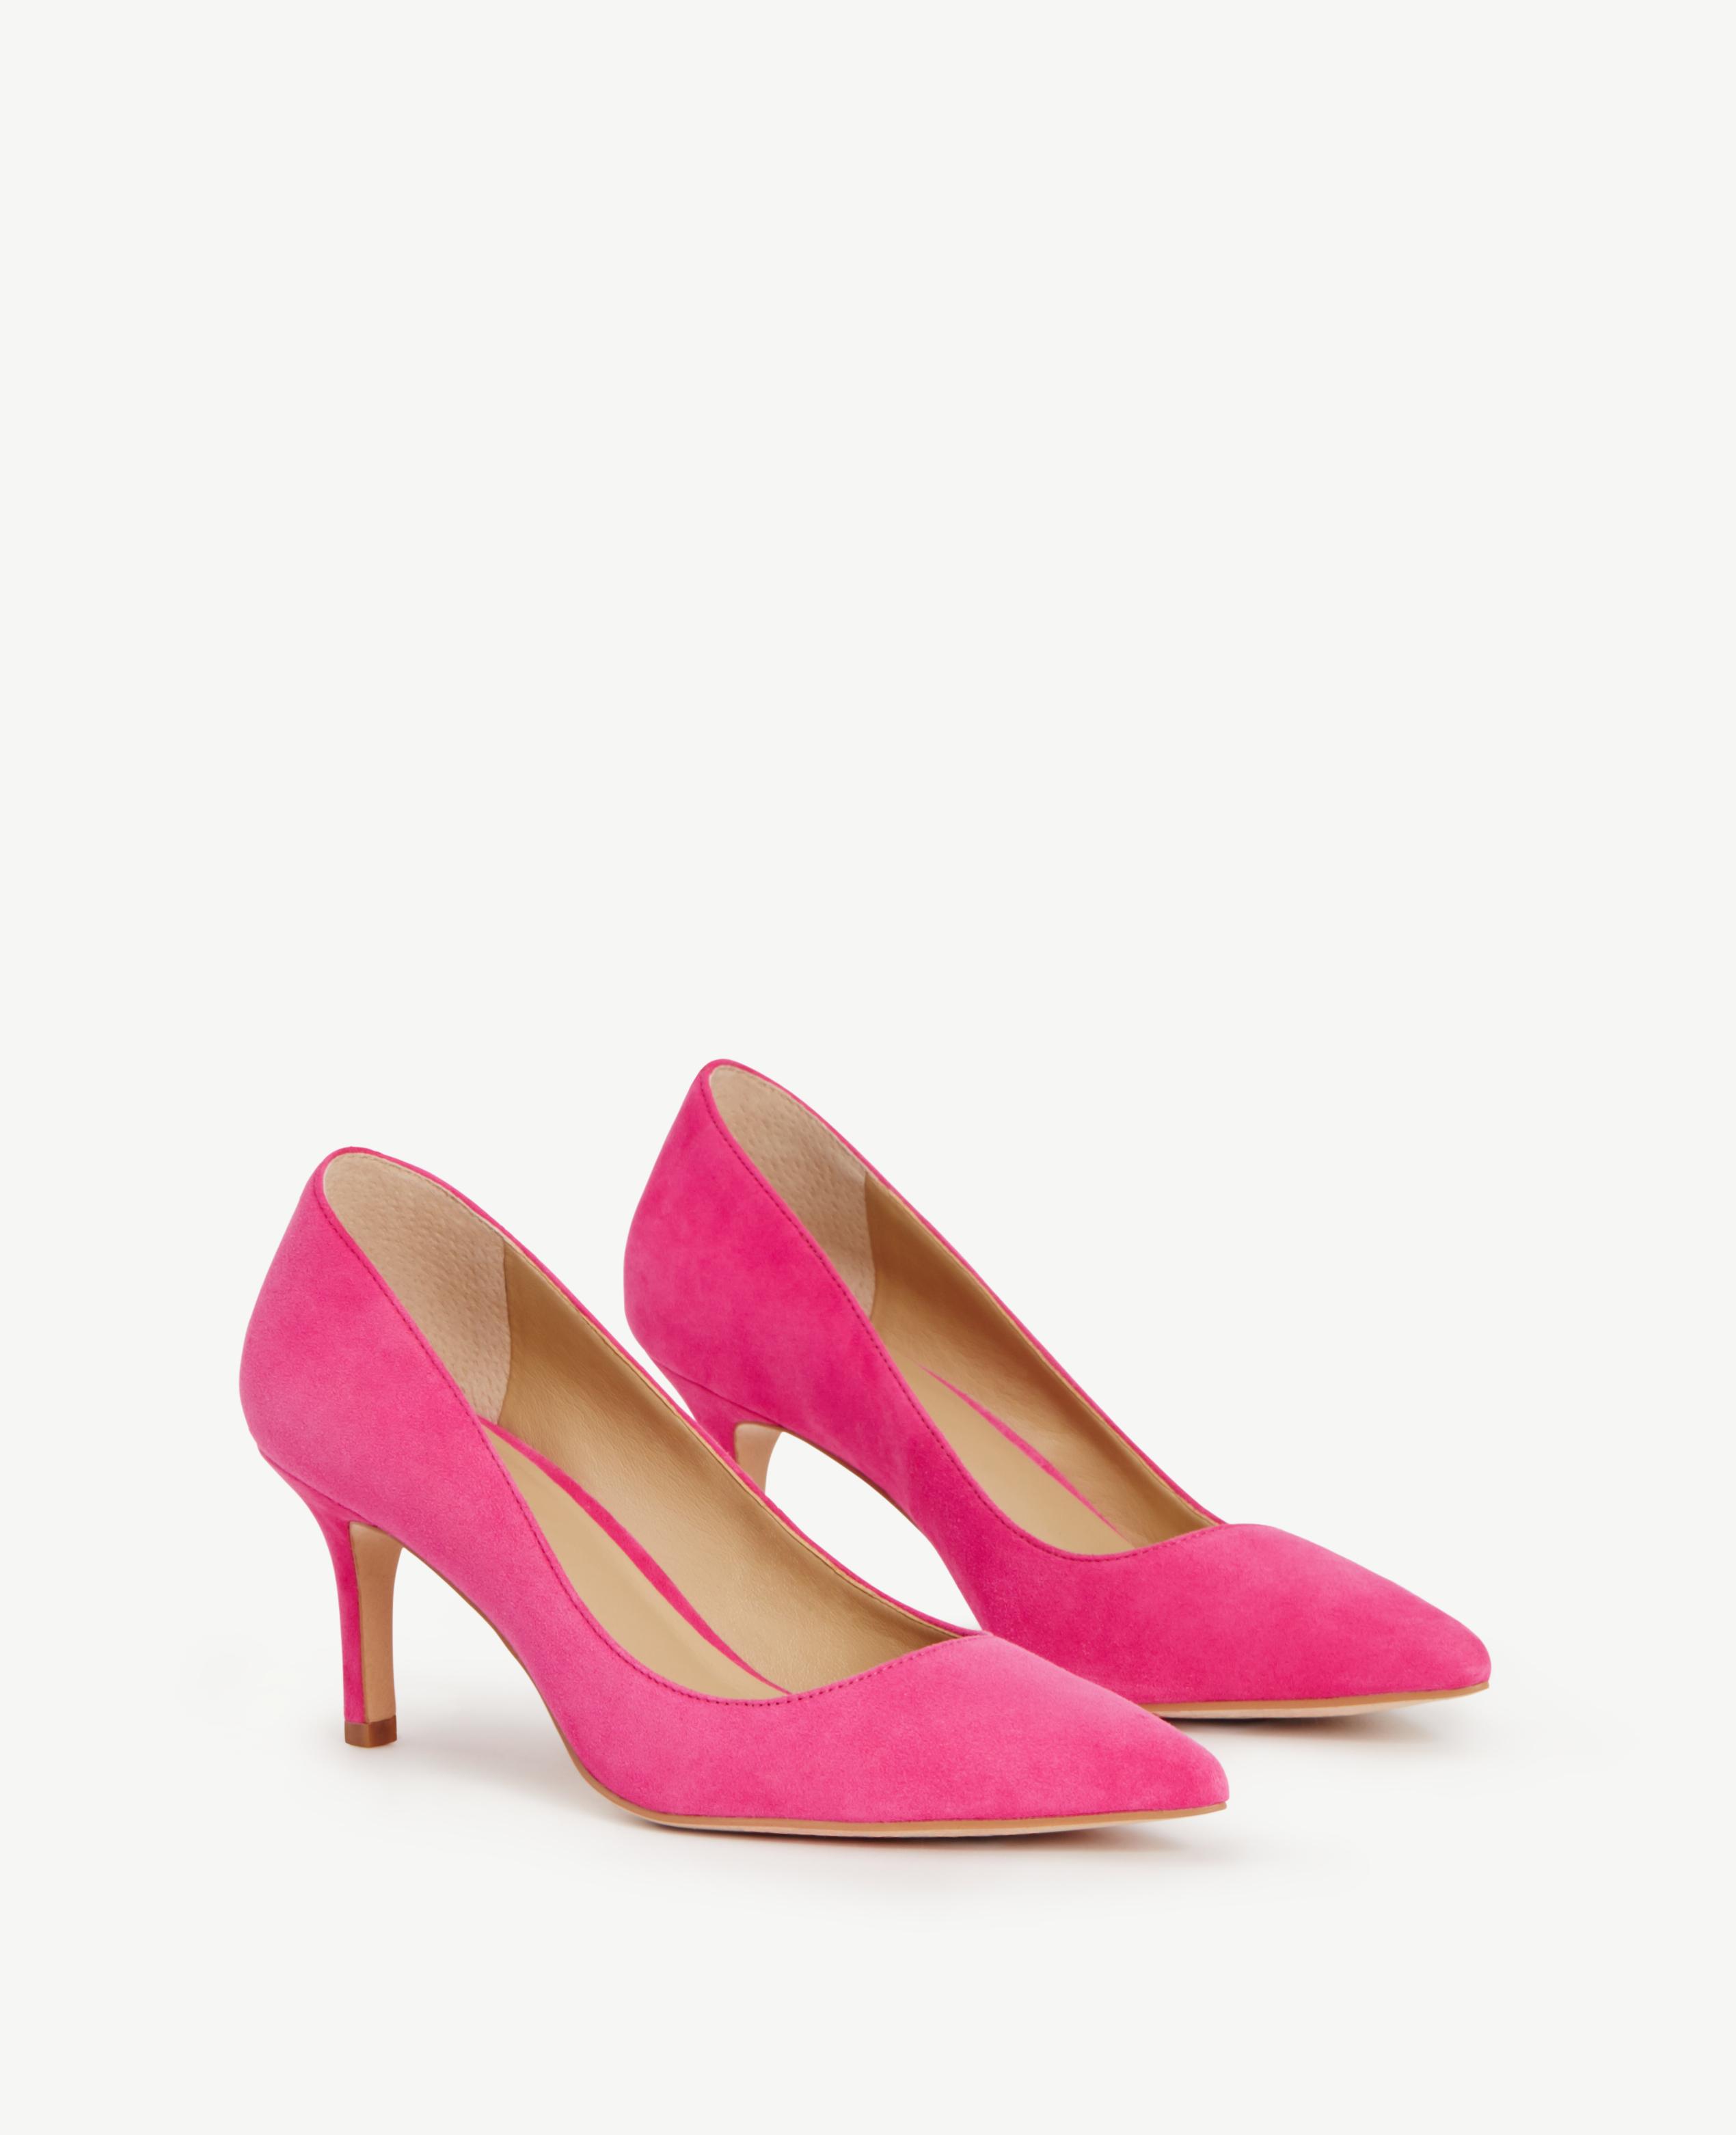 Ann taylor Eryn Suede Kitten Heels in Pink | Lyst